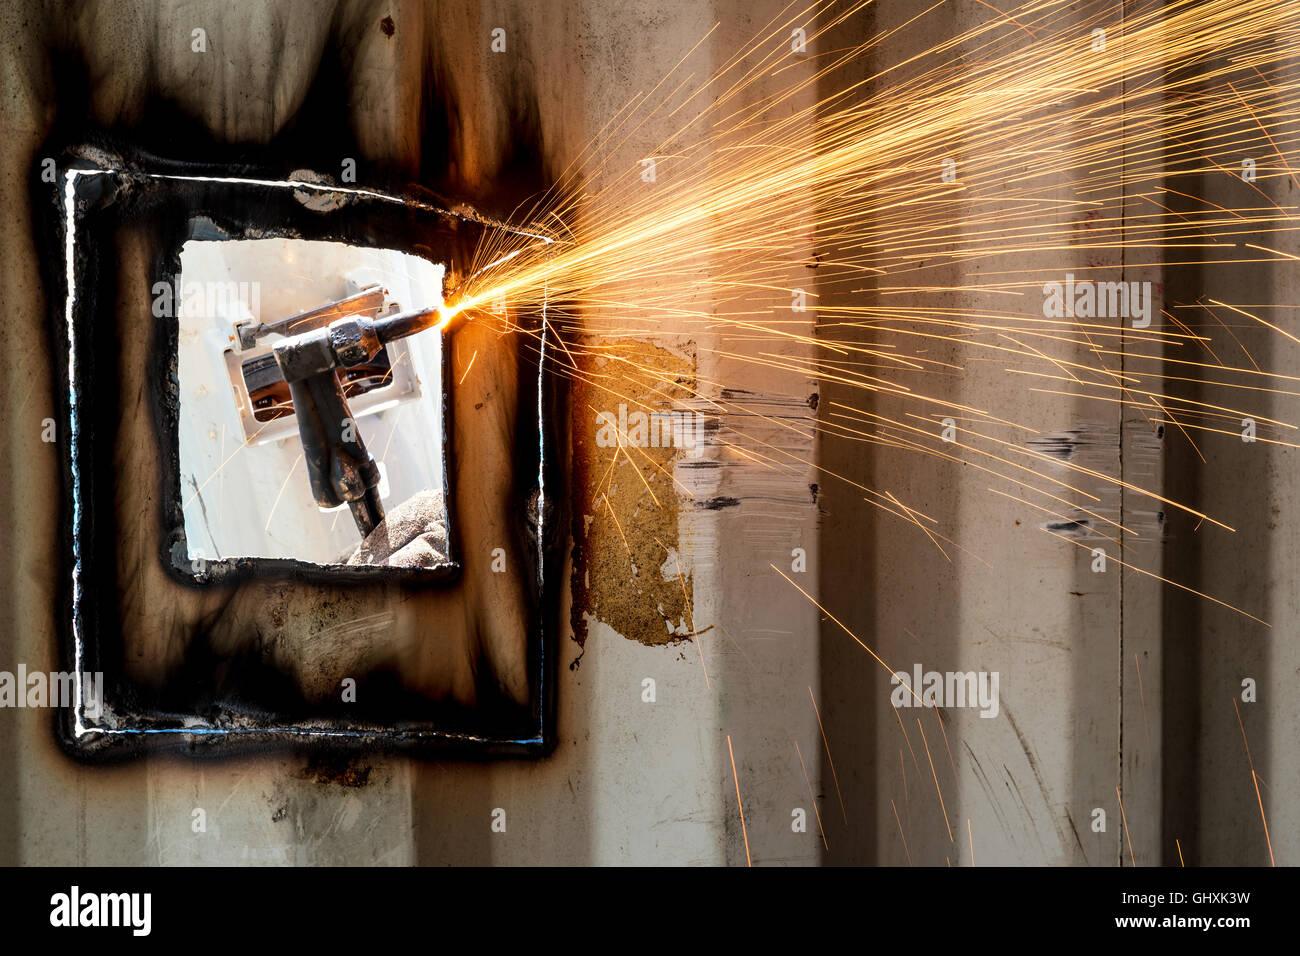 Workshop in der Fabrik Industrie Herstellung Industrie Arbeiter mit Schweißen Stahl Reparatur Container Strukturen. Stockbild